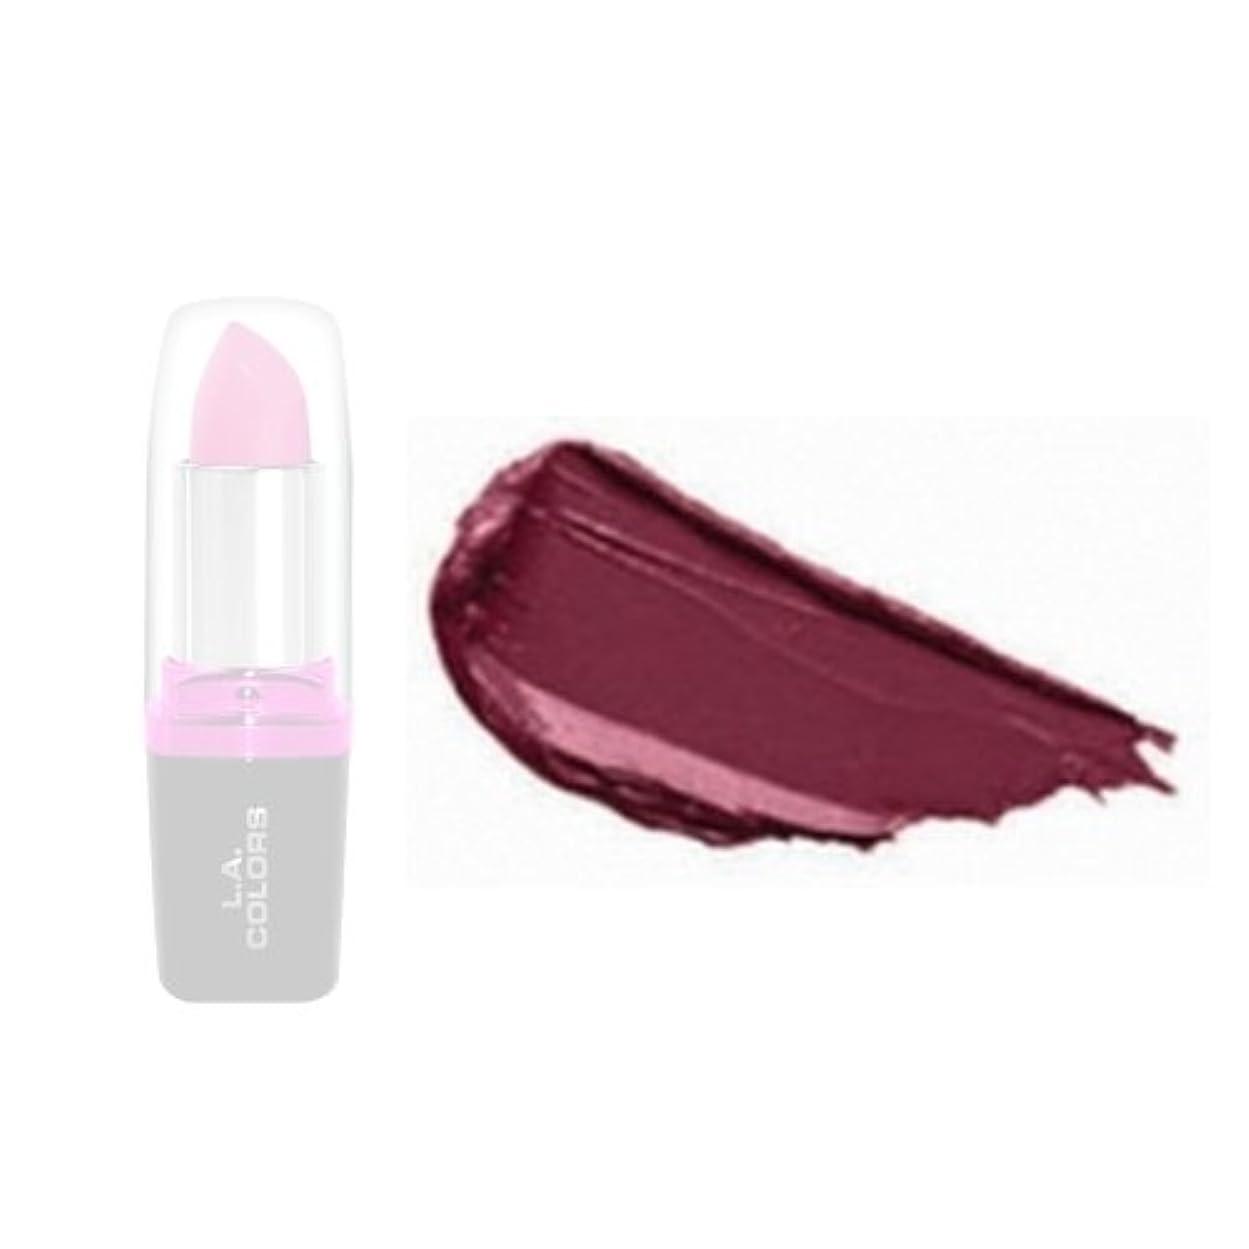 悪化する暴徒ばかげているLA Colors Hydrating Lipstick - Merlot (並行輸入品)